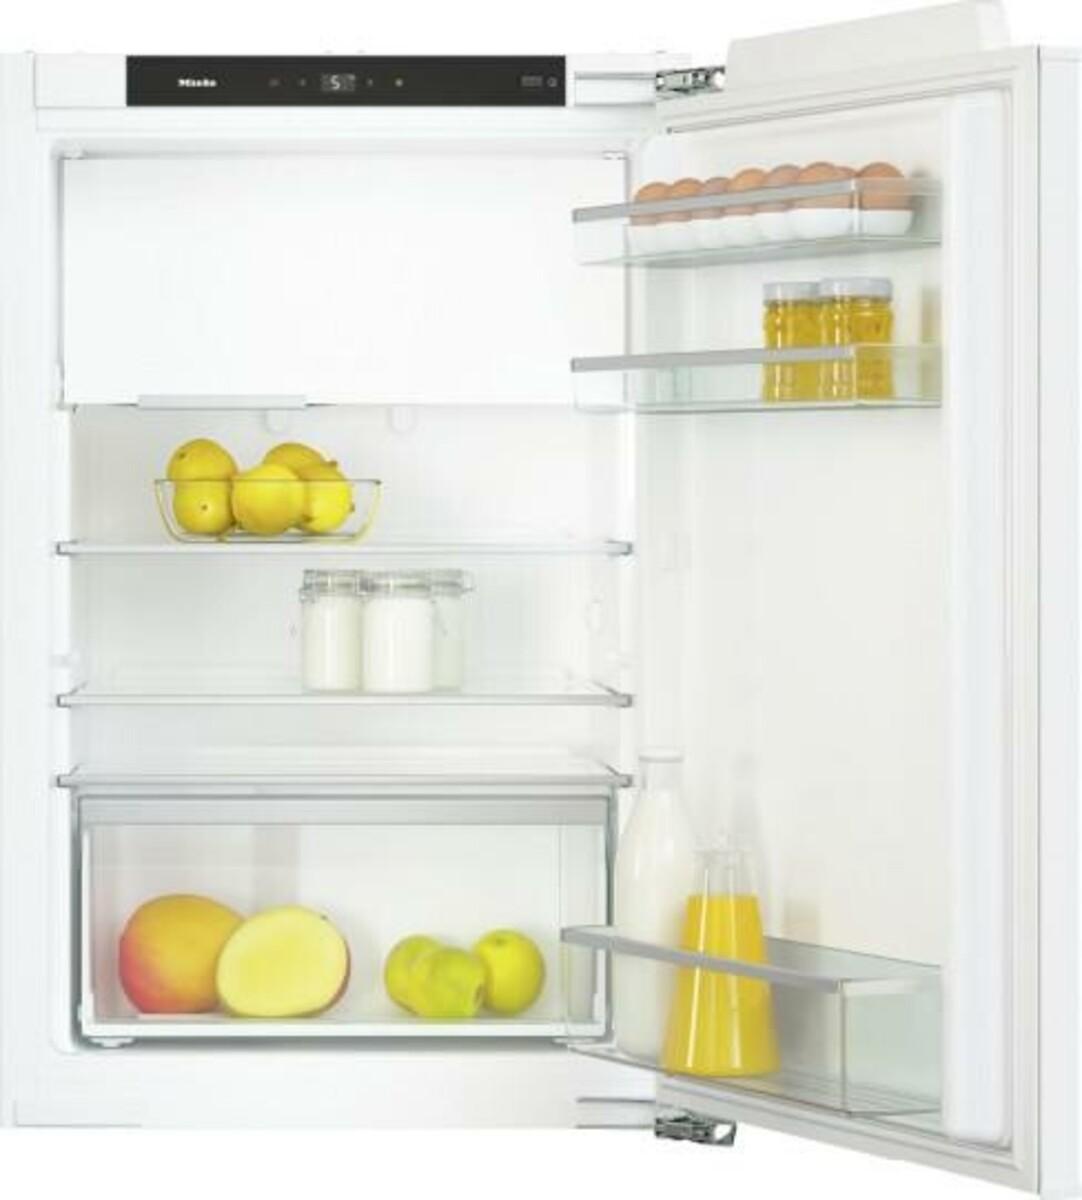 Bild 1 von MIELE K7104E EU1 Selection Einbaukühlschrank mit Gefrierfach (integrierbar, EEK E, 124 l Nutzinhalt, TouchControl, Display, 87,4 cm hoch, 55,8 cm breit)